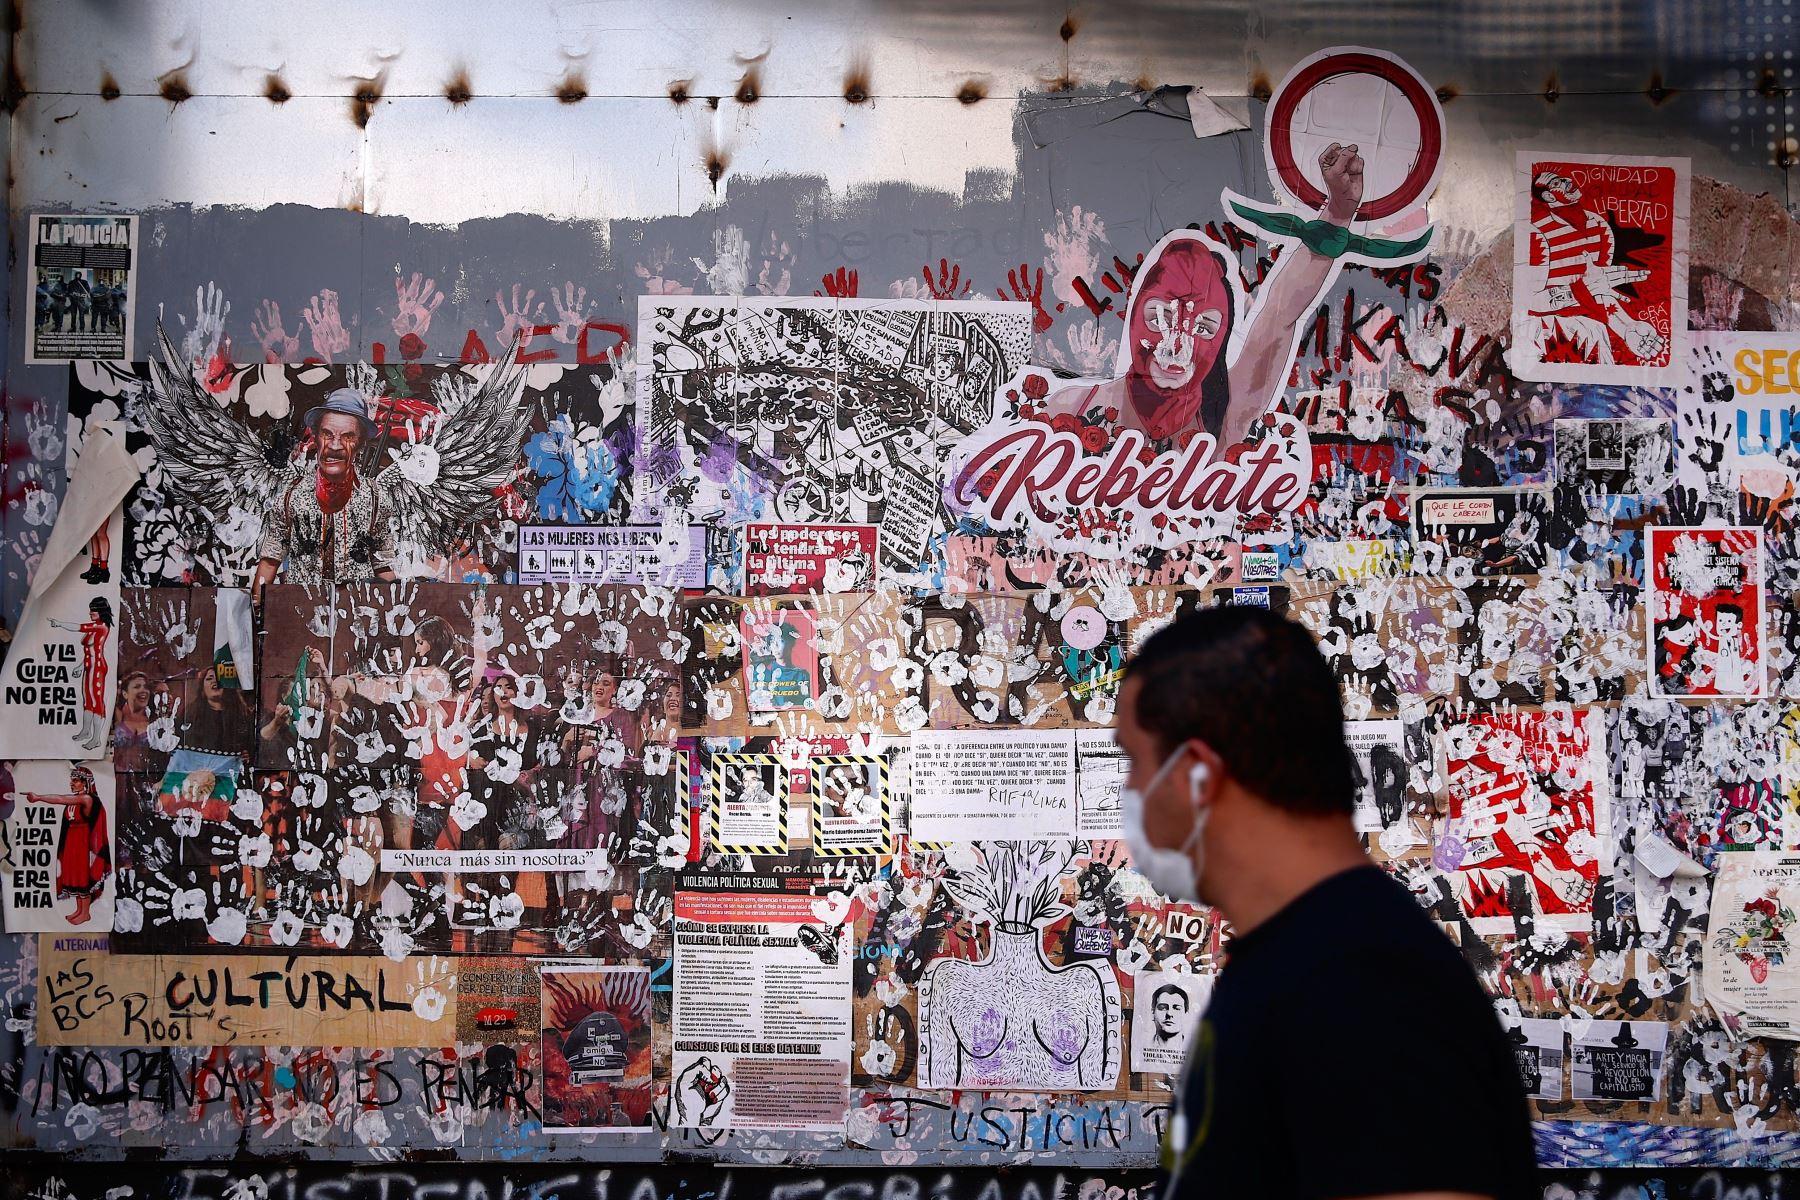 Hombre camina frente a una pared llena de grafitos y avisos durante la jornada de cuarentena obligatoria para frenar el avance de covid-19, en el centro de Santiago (Chile). Foto: EFE